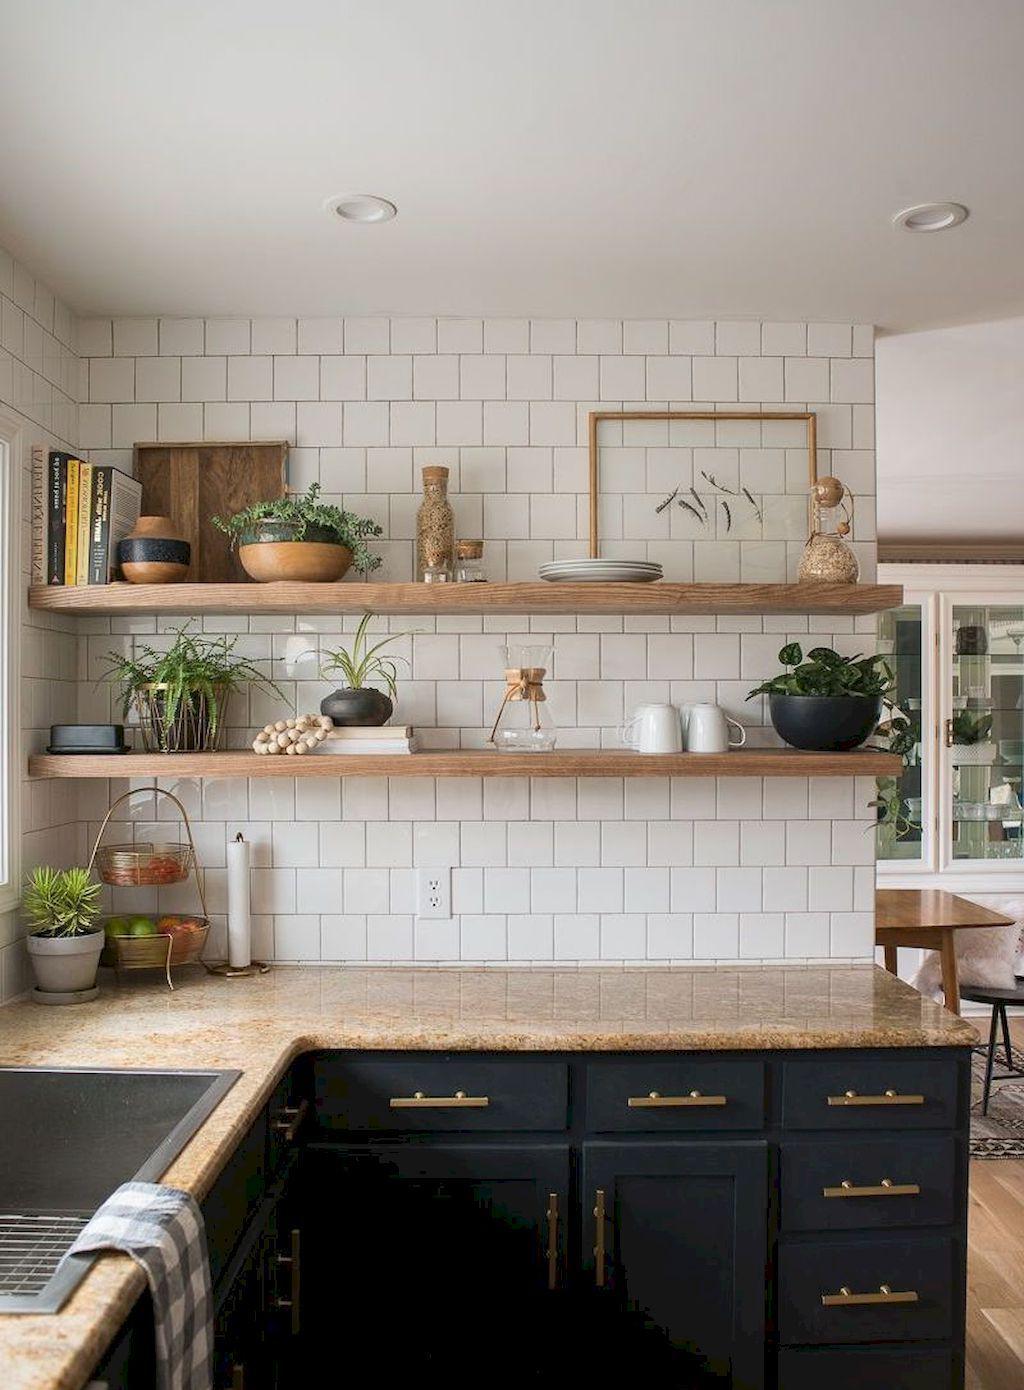 Kitchen Kitchen Open Shelves Ideas Kitchenopenshelvesideas Diy Kitchen Renovation Kitchen Remodel Small Rustic Kitchen Open shelving kitchen design